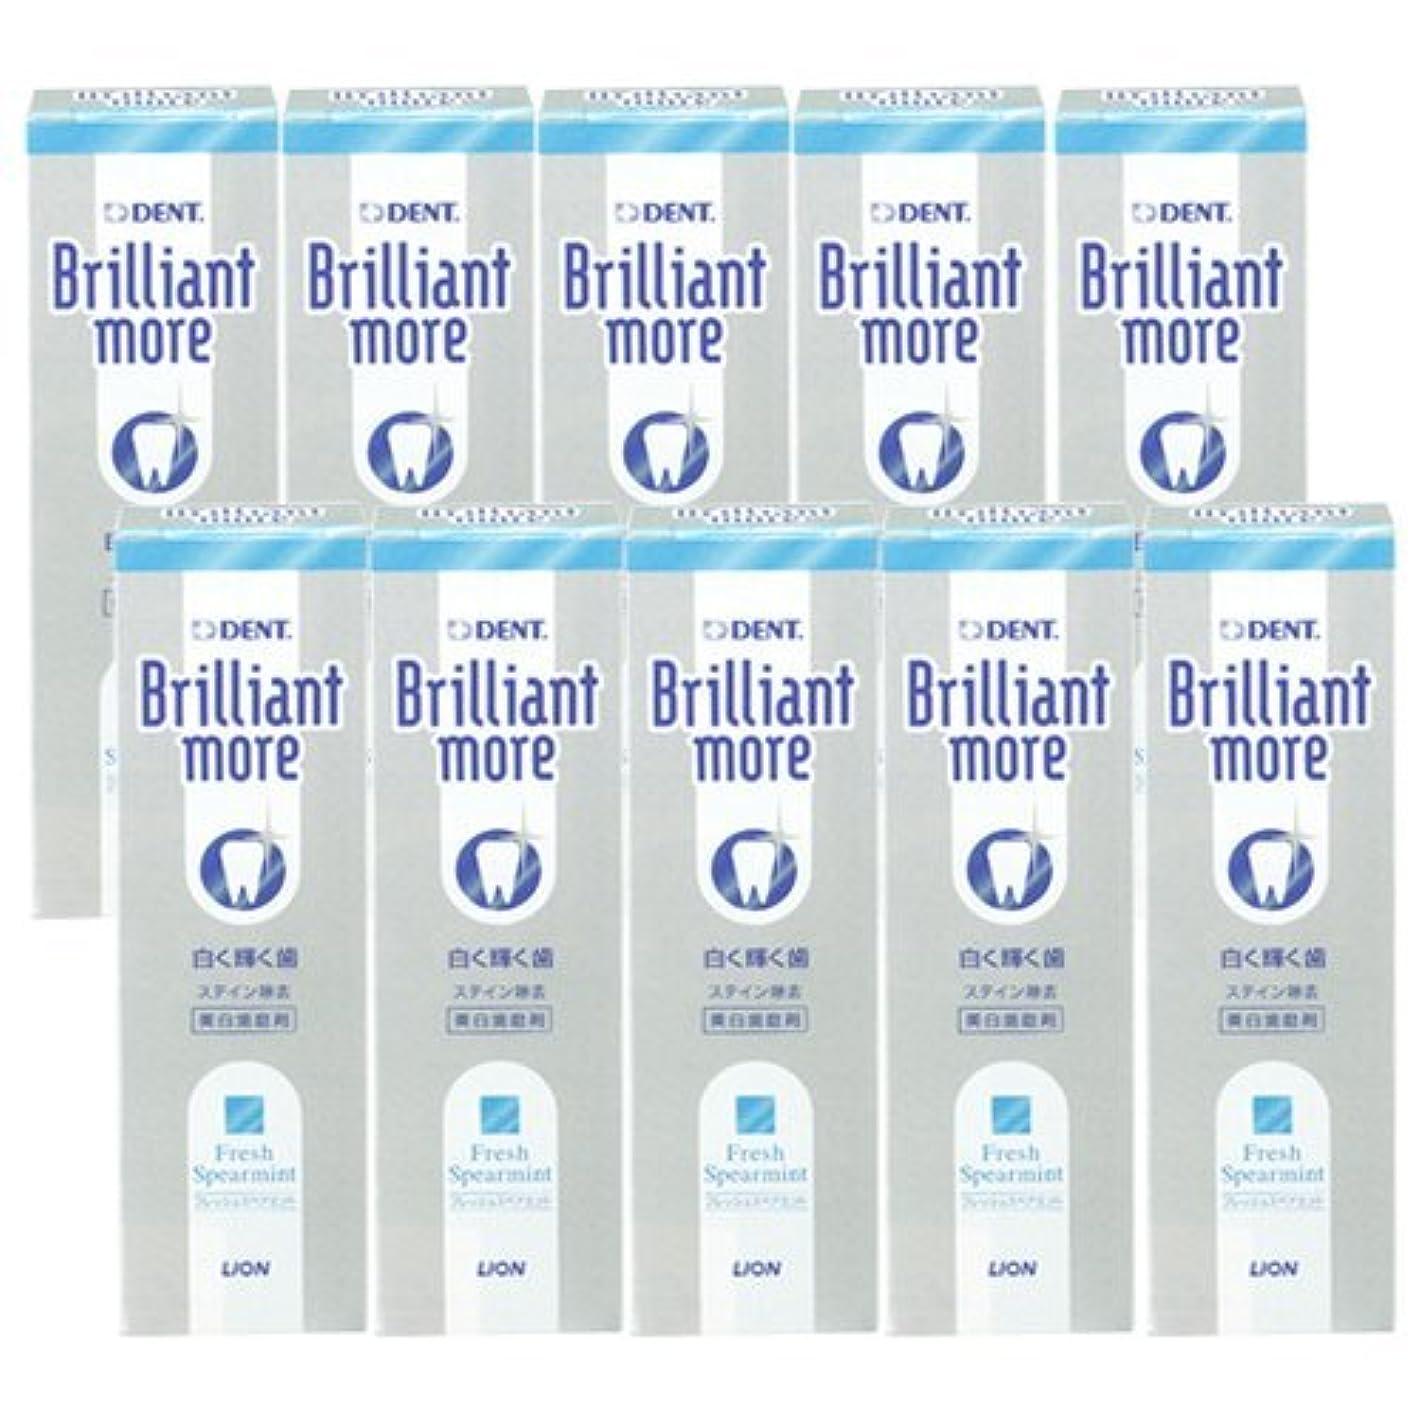 食い違いトーナメント上回るライオン ブリリアントモア フレッシュスペアミント 美白歯磨剤 LION Brilliant more 10本セット